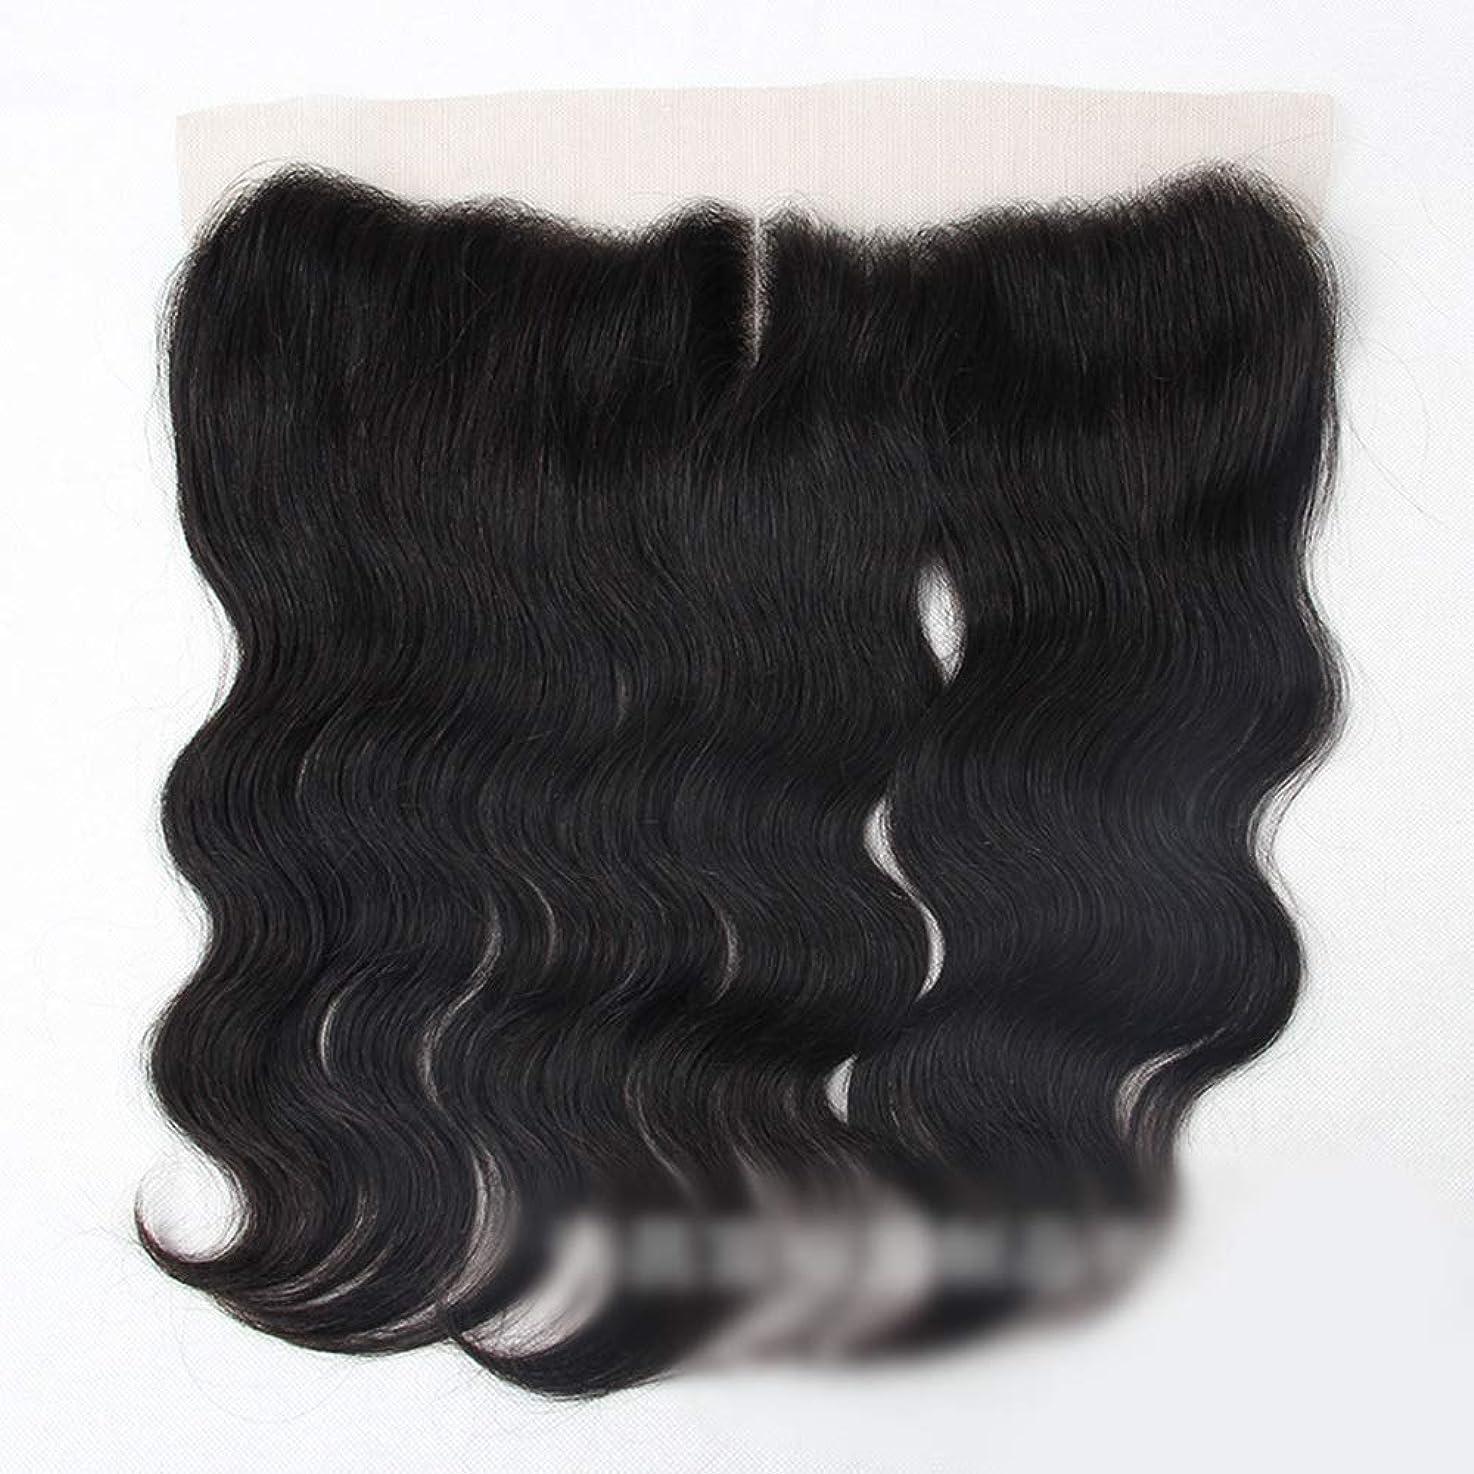 合金ベルトするだろうYAHONGOE ブラジルの実体波人間の髪の毛13×4レース前頭閉鎖中間部ナチュラルブラックカラーショートウィッグ (色 : 黒, サイズ : 8 inch)